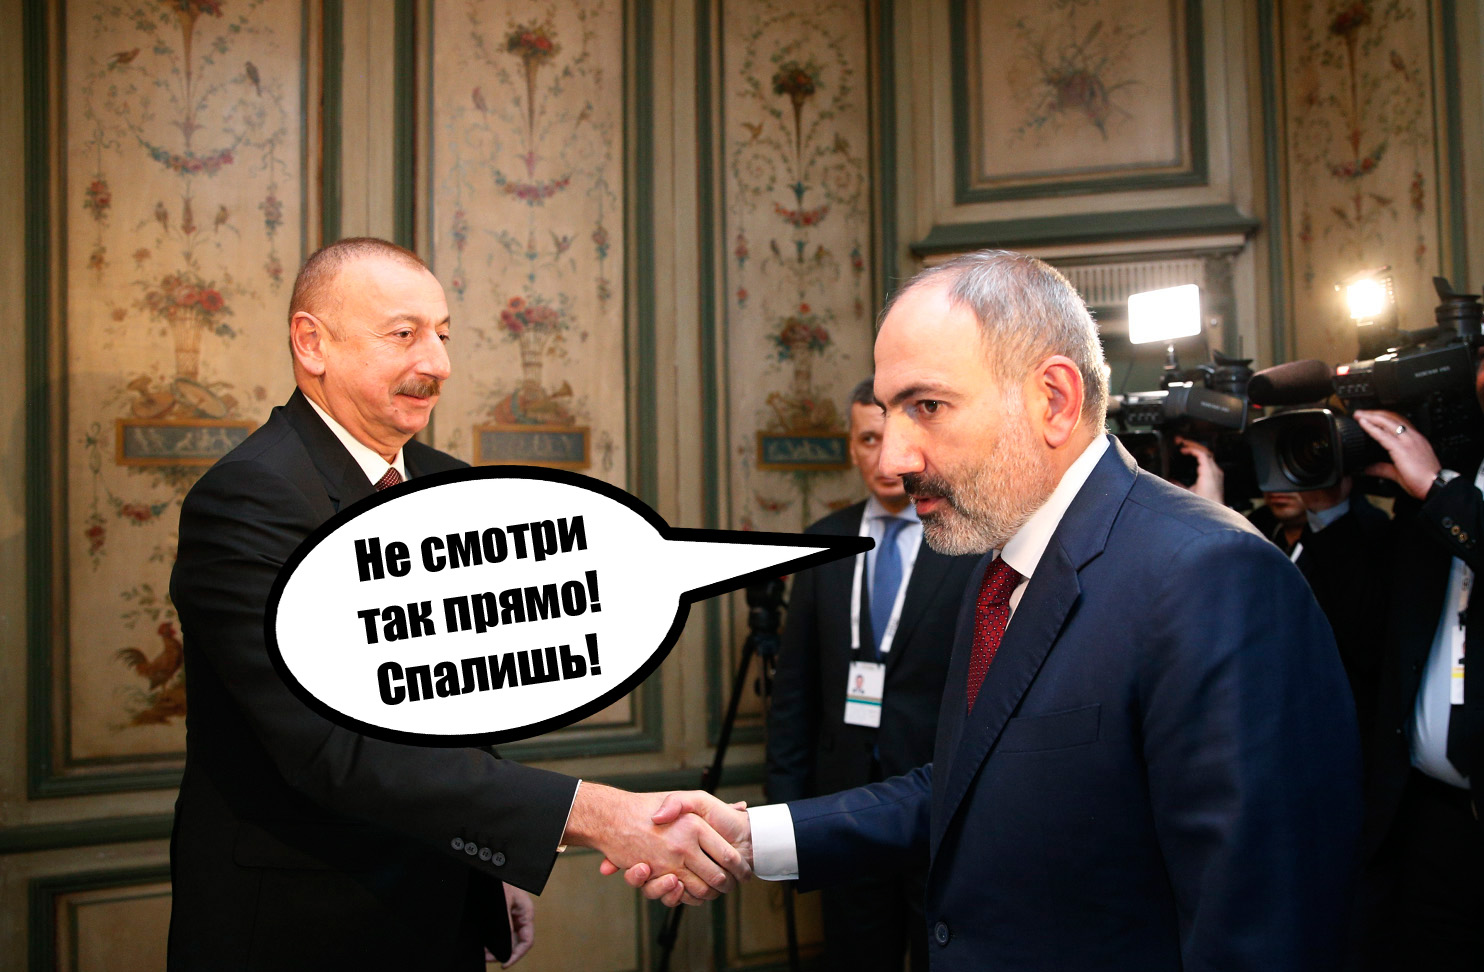 Никол Пашинян: не смотри так прямо! Спалишь!